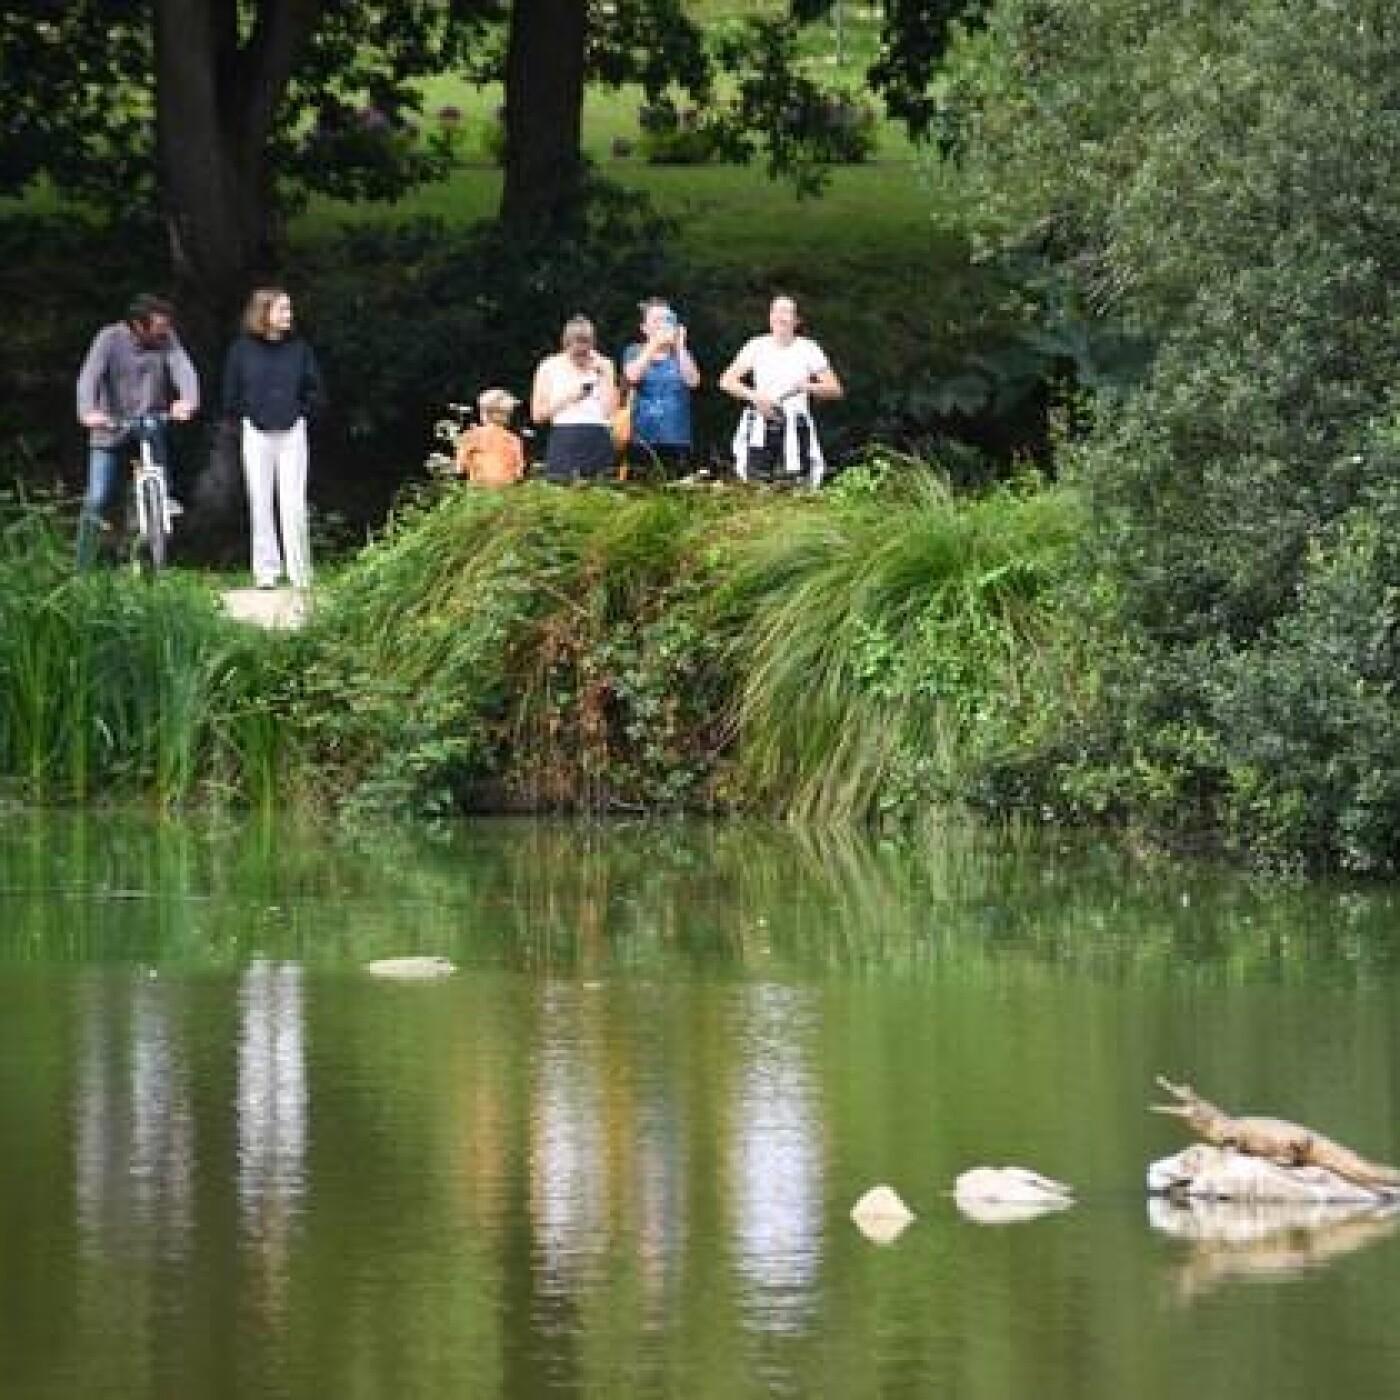 Un crocodile dans le Finistère - 23 08 2021 - StereoChic Radio